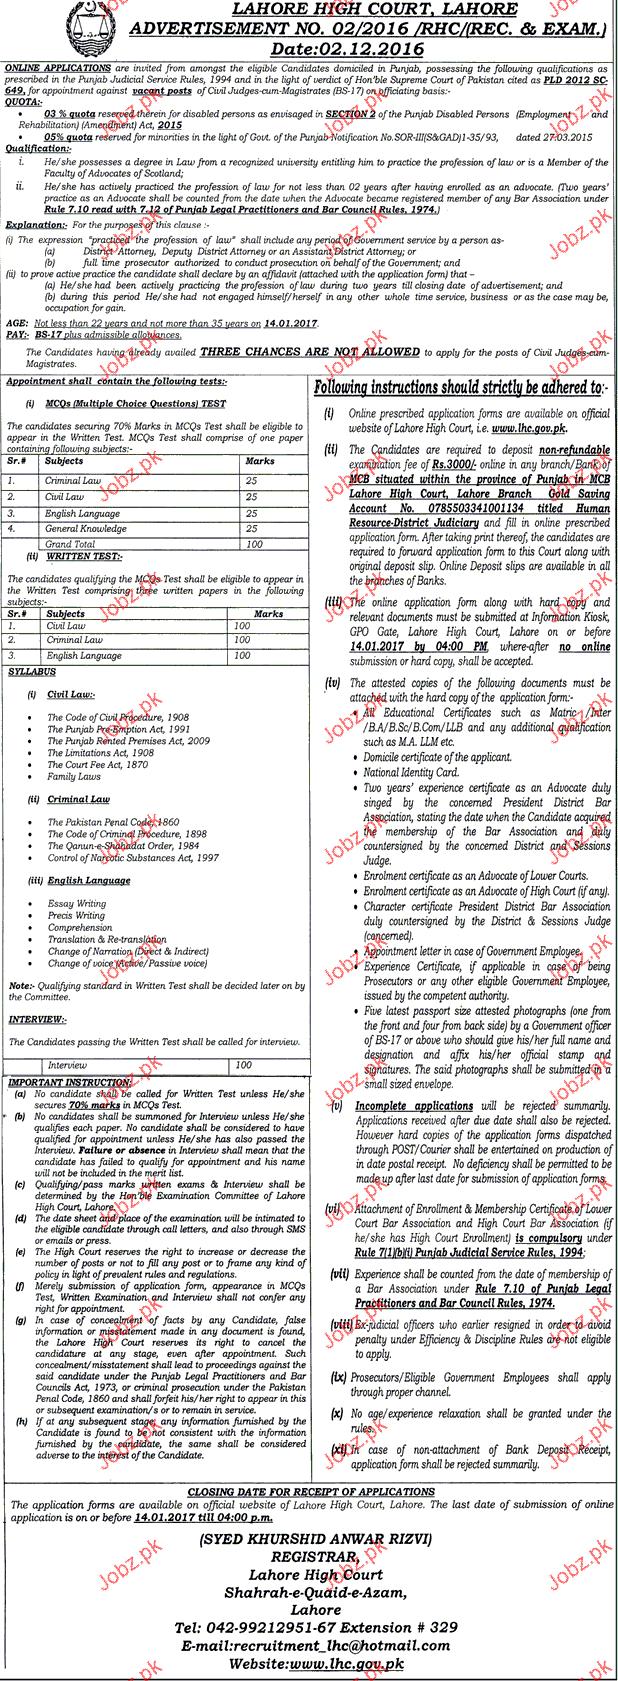 Recruitment of Civil Judges in Lahore High Court